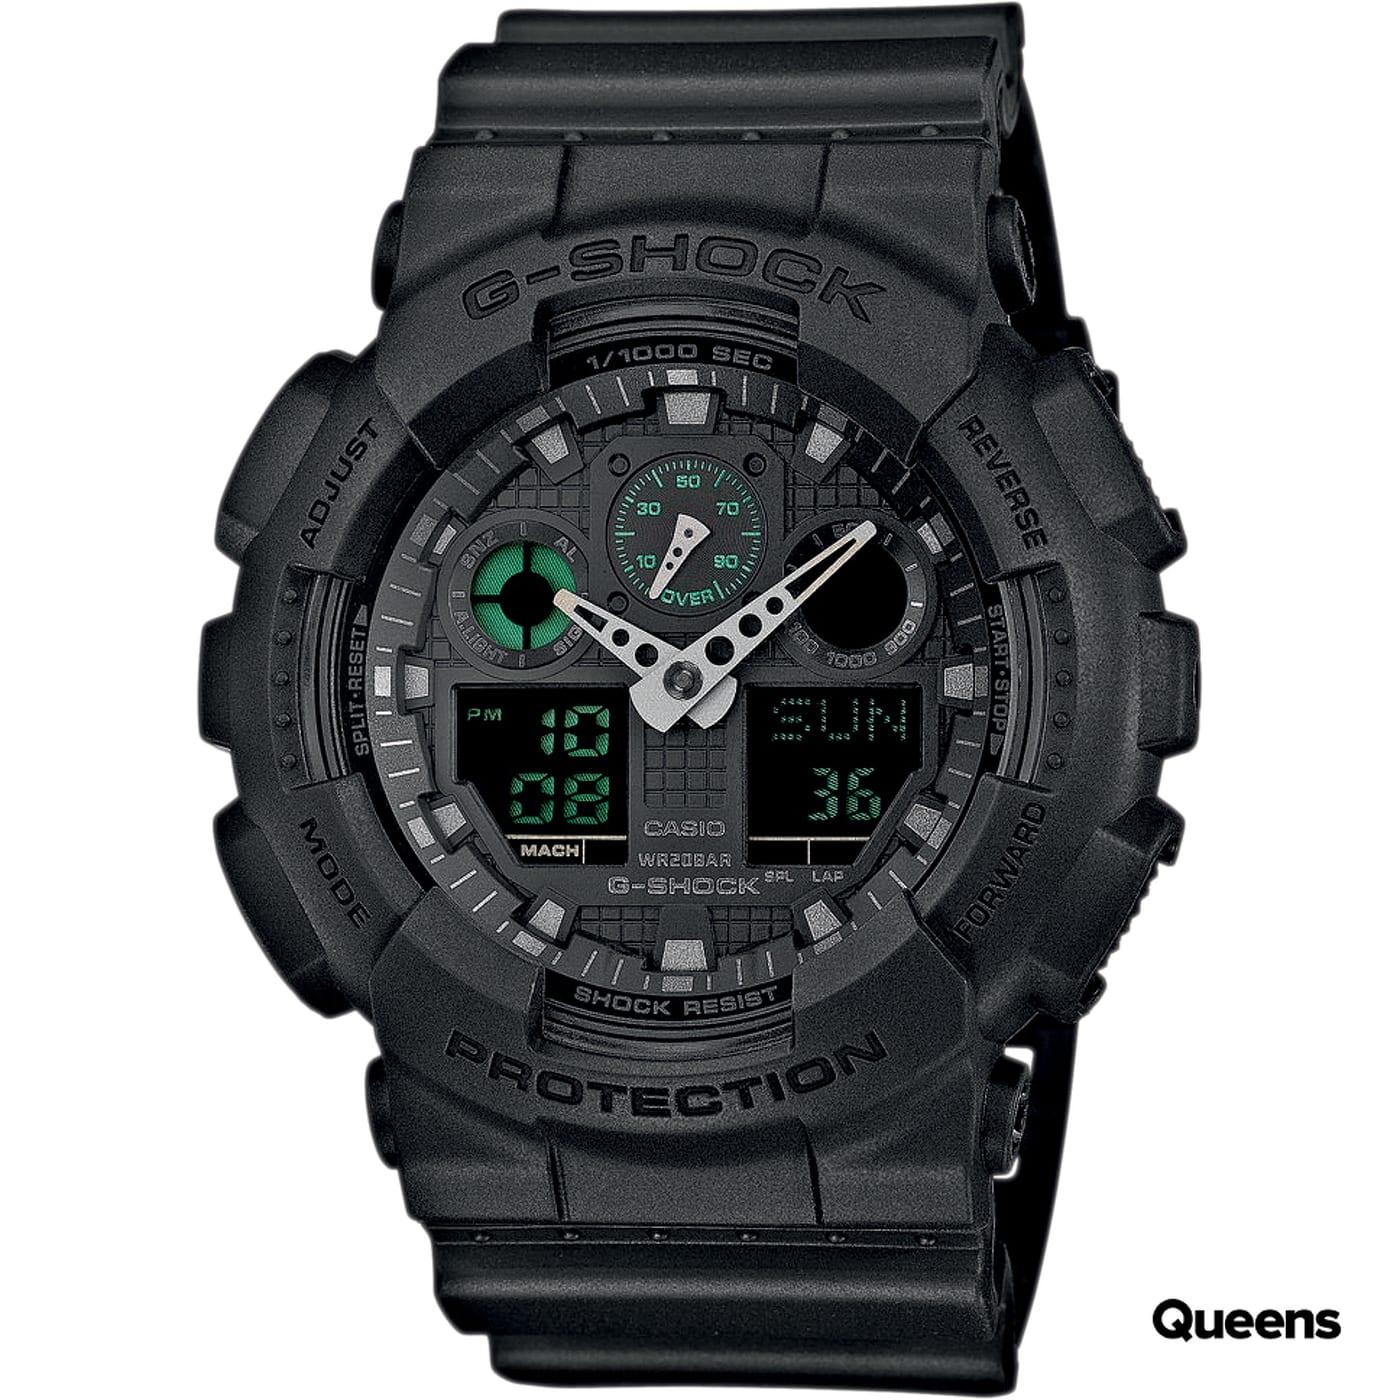 Casio G-Shock GA 100MB-1AER K black